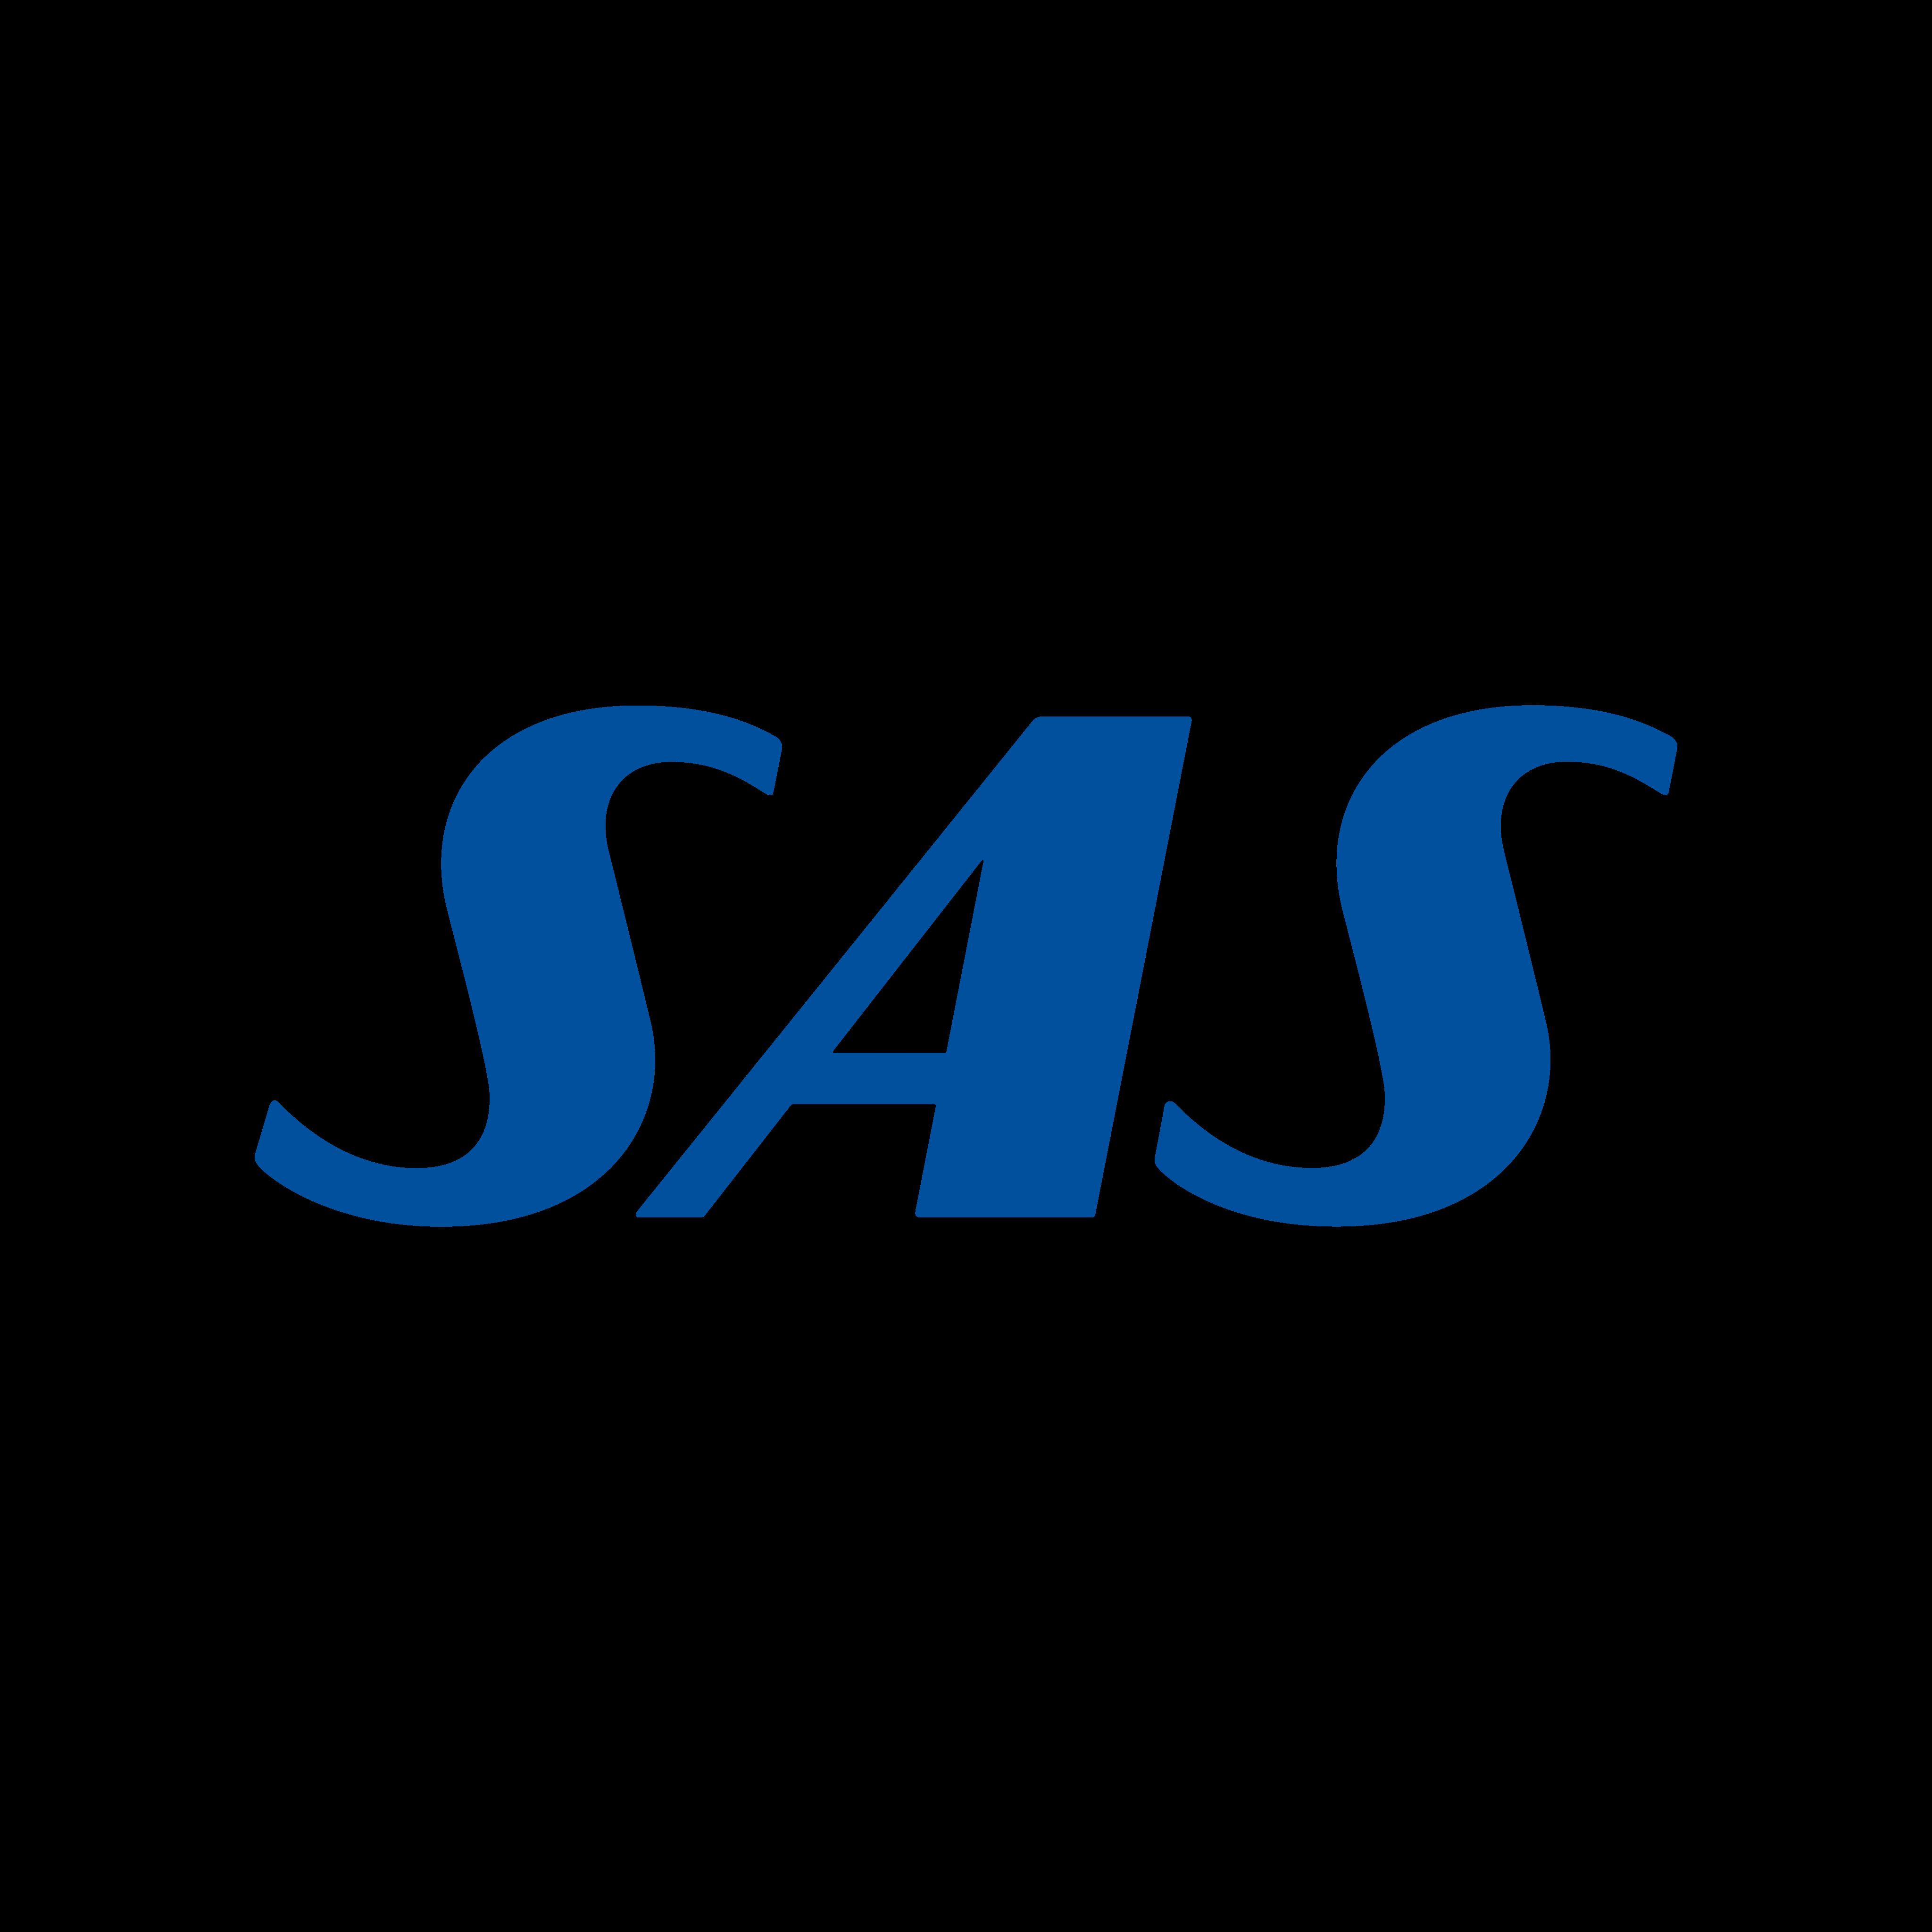 sas airlines logo 0 - SAS Logo